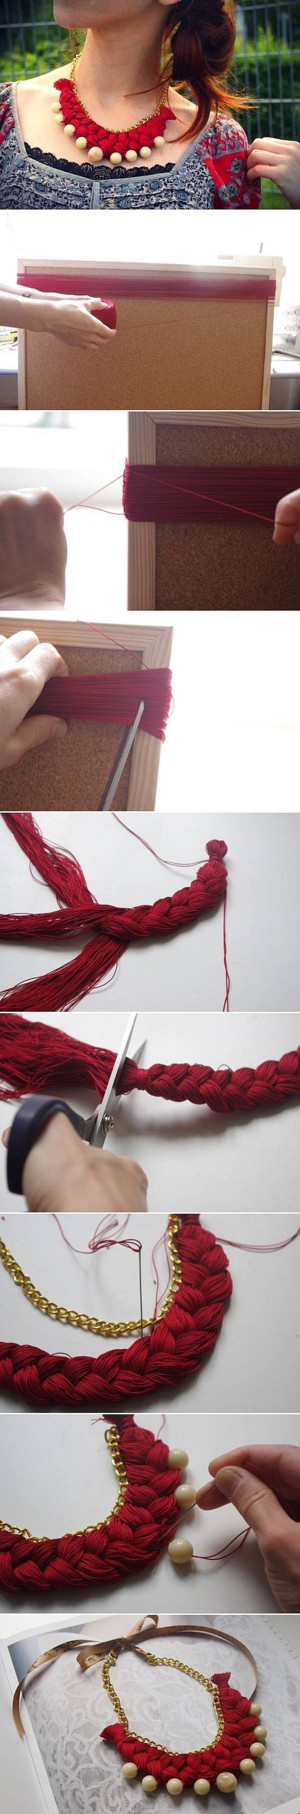 Колье-коса из ниток, цепи и бусин